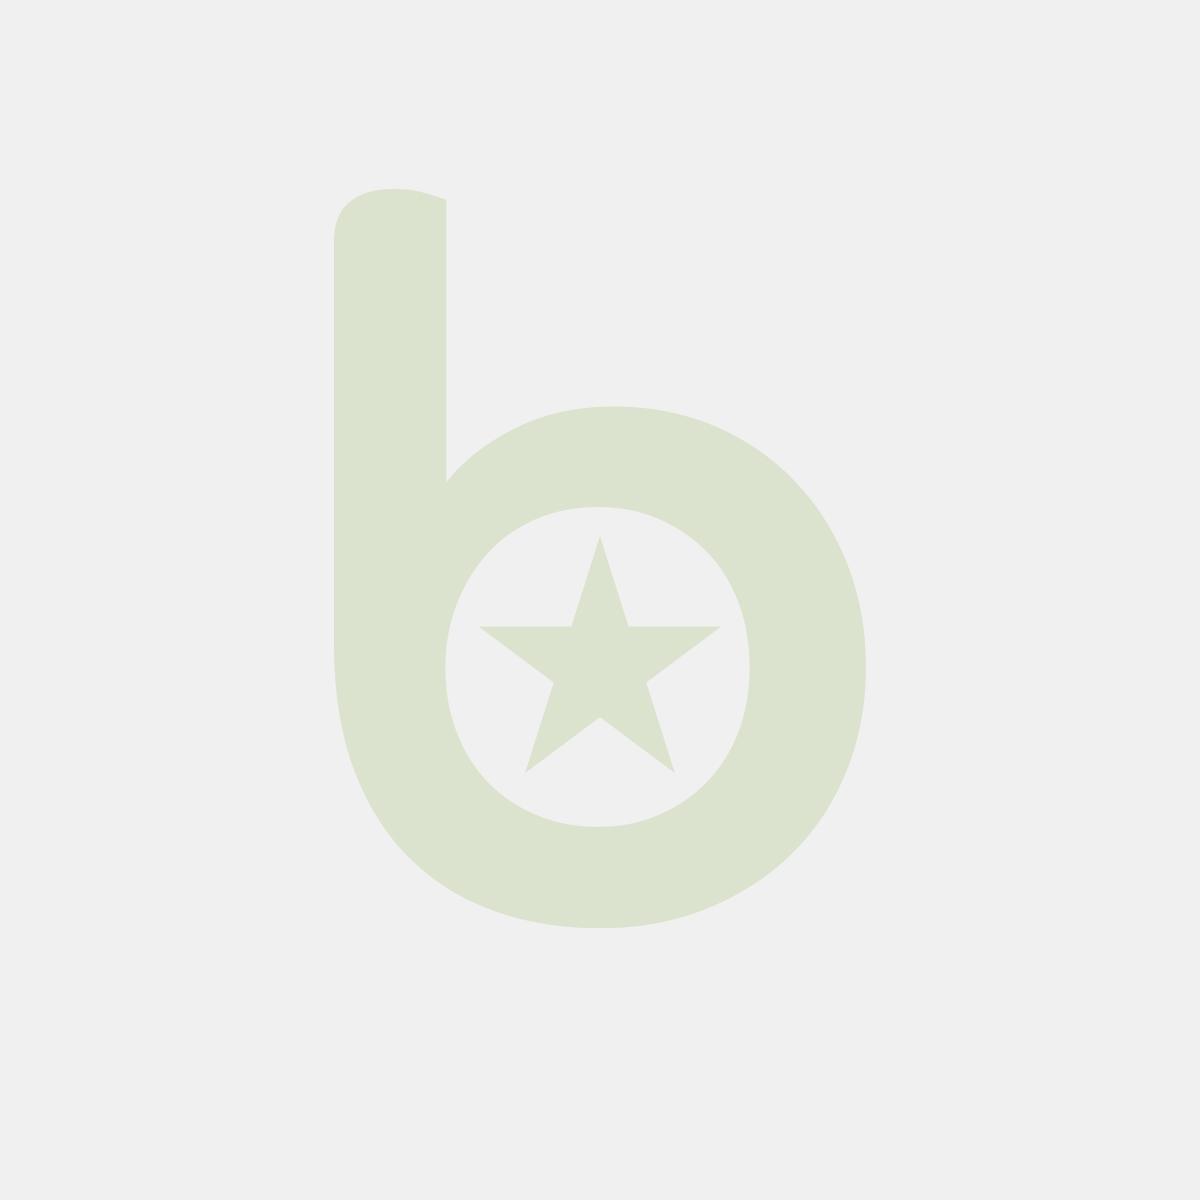 Taca cateringowa styropian czarny laminowany 44,5 cm x 30,5 cm x 3,5 cm , opakowanie 5szt